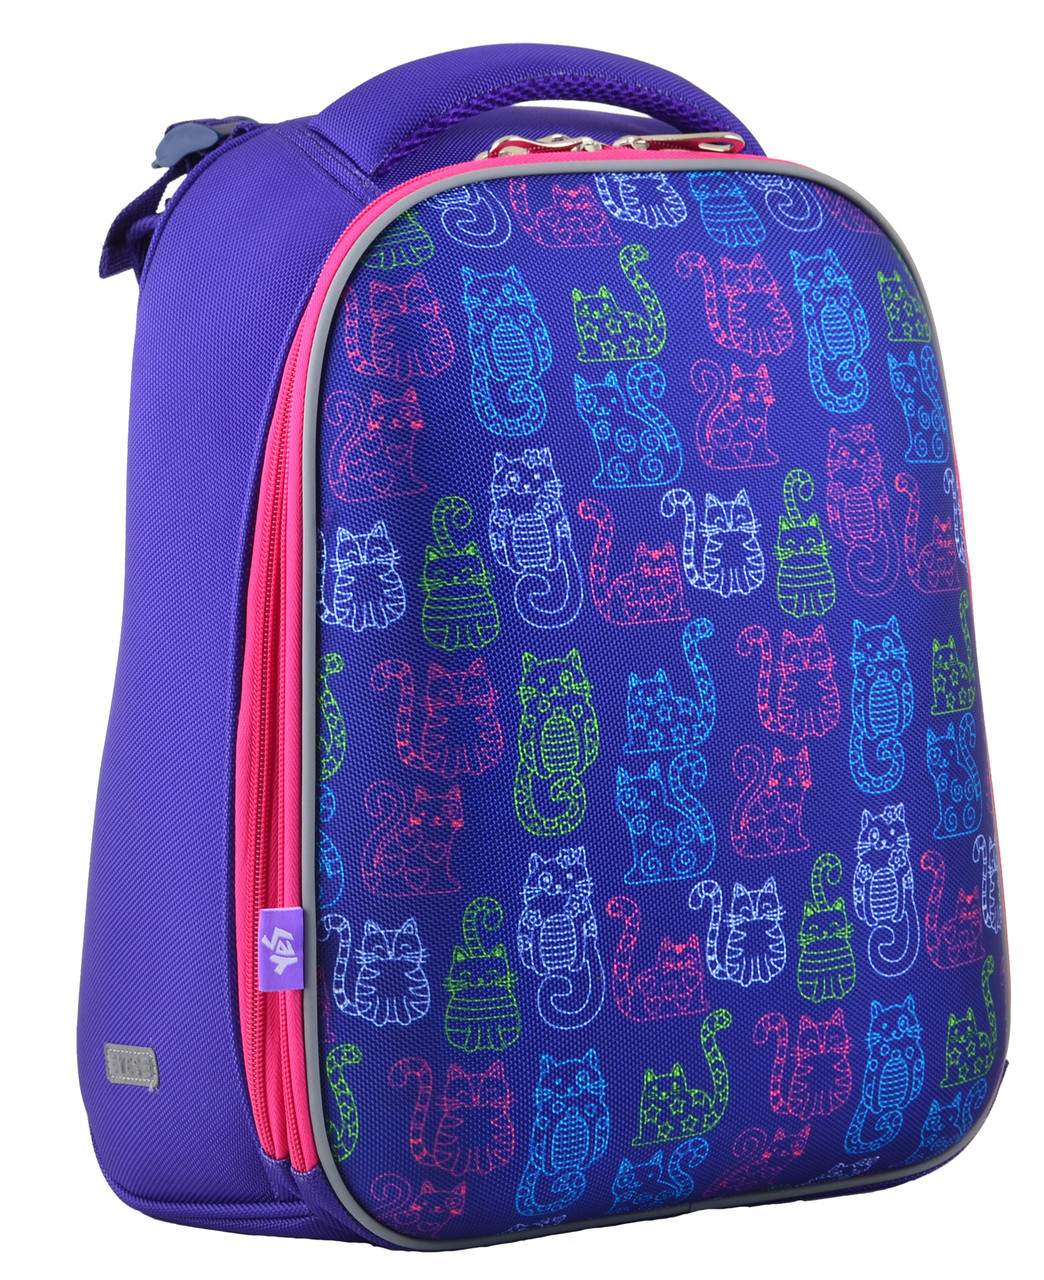 Рюкзак каркасный H-12-1 Kotomaniya blue, 38*29*15